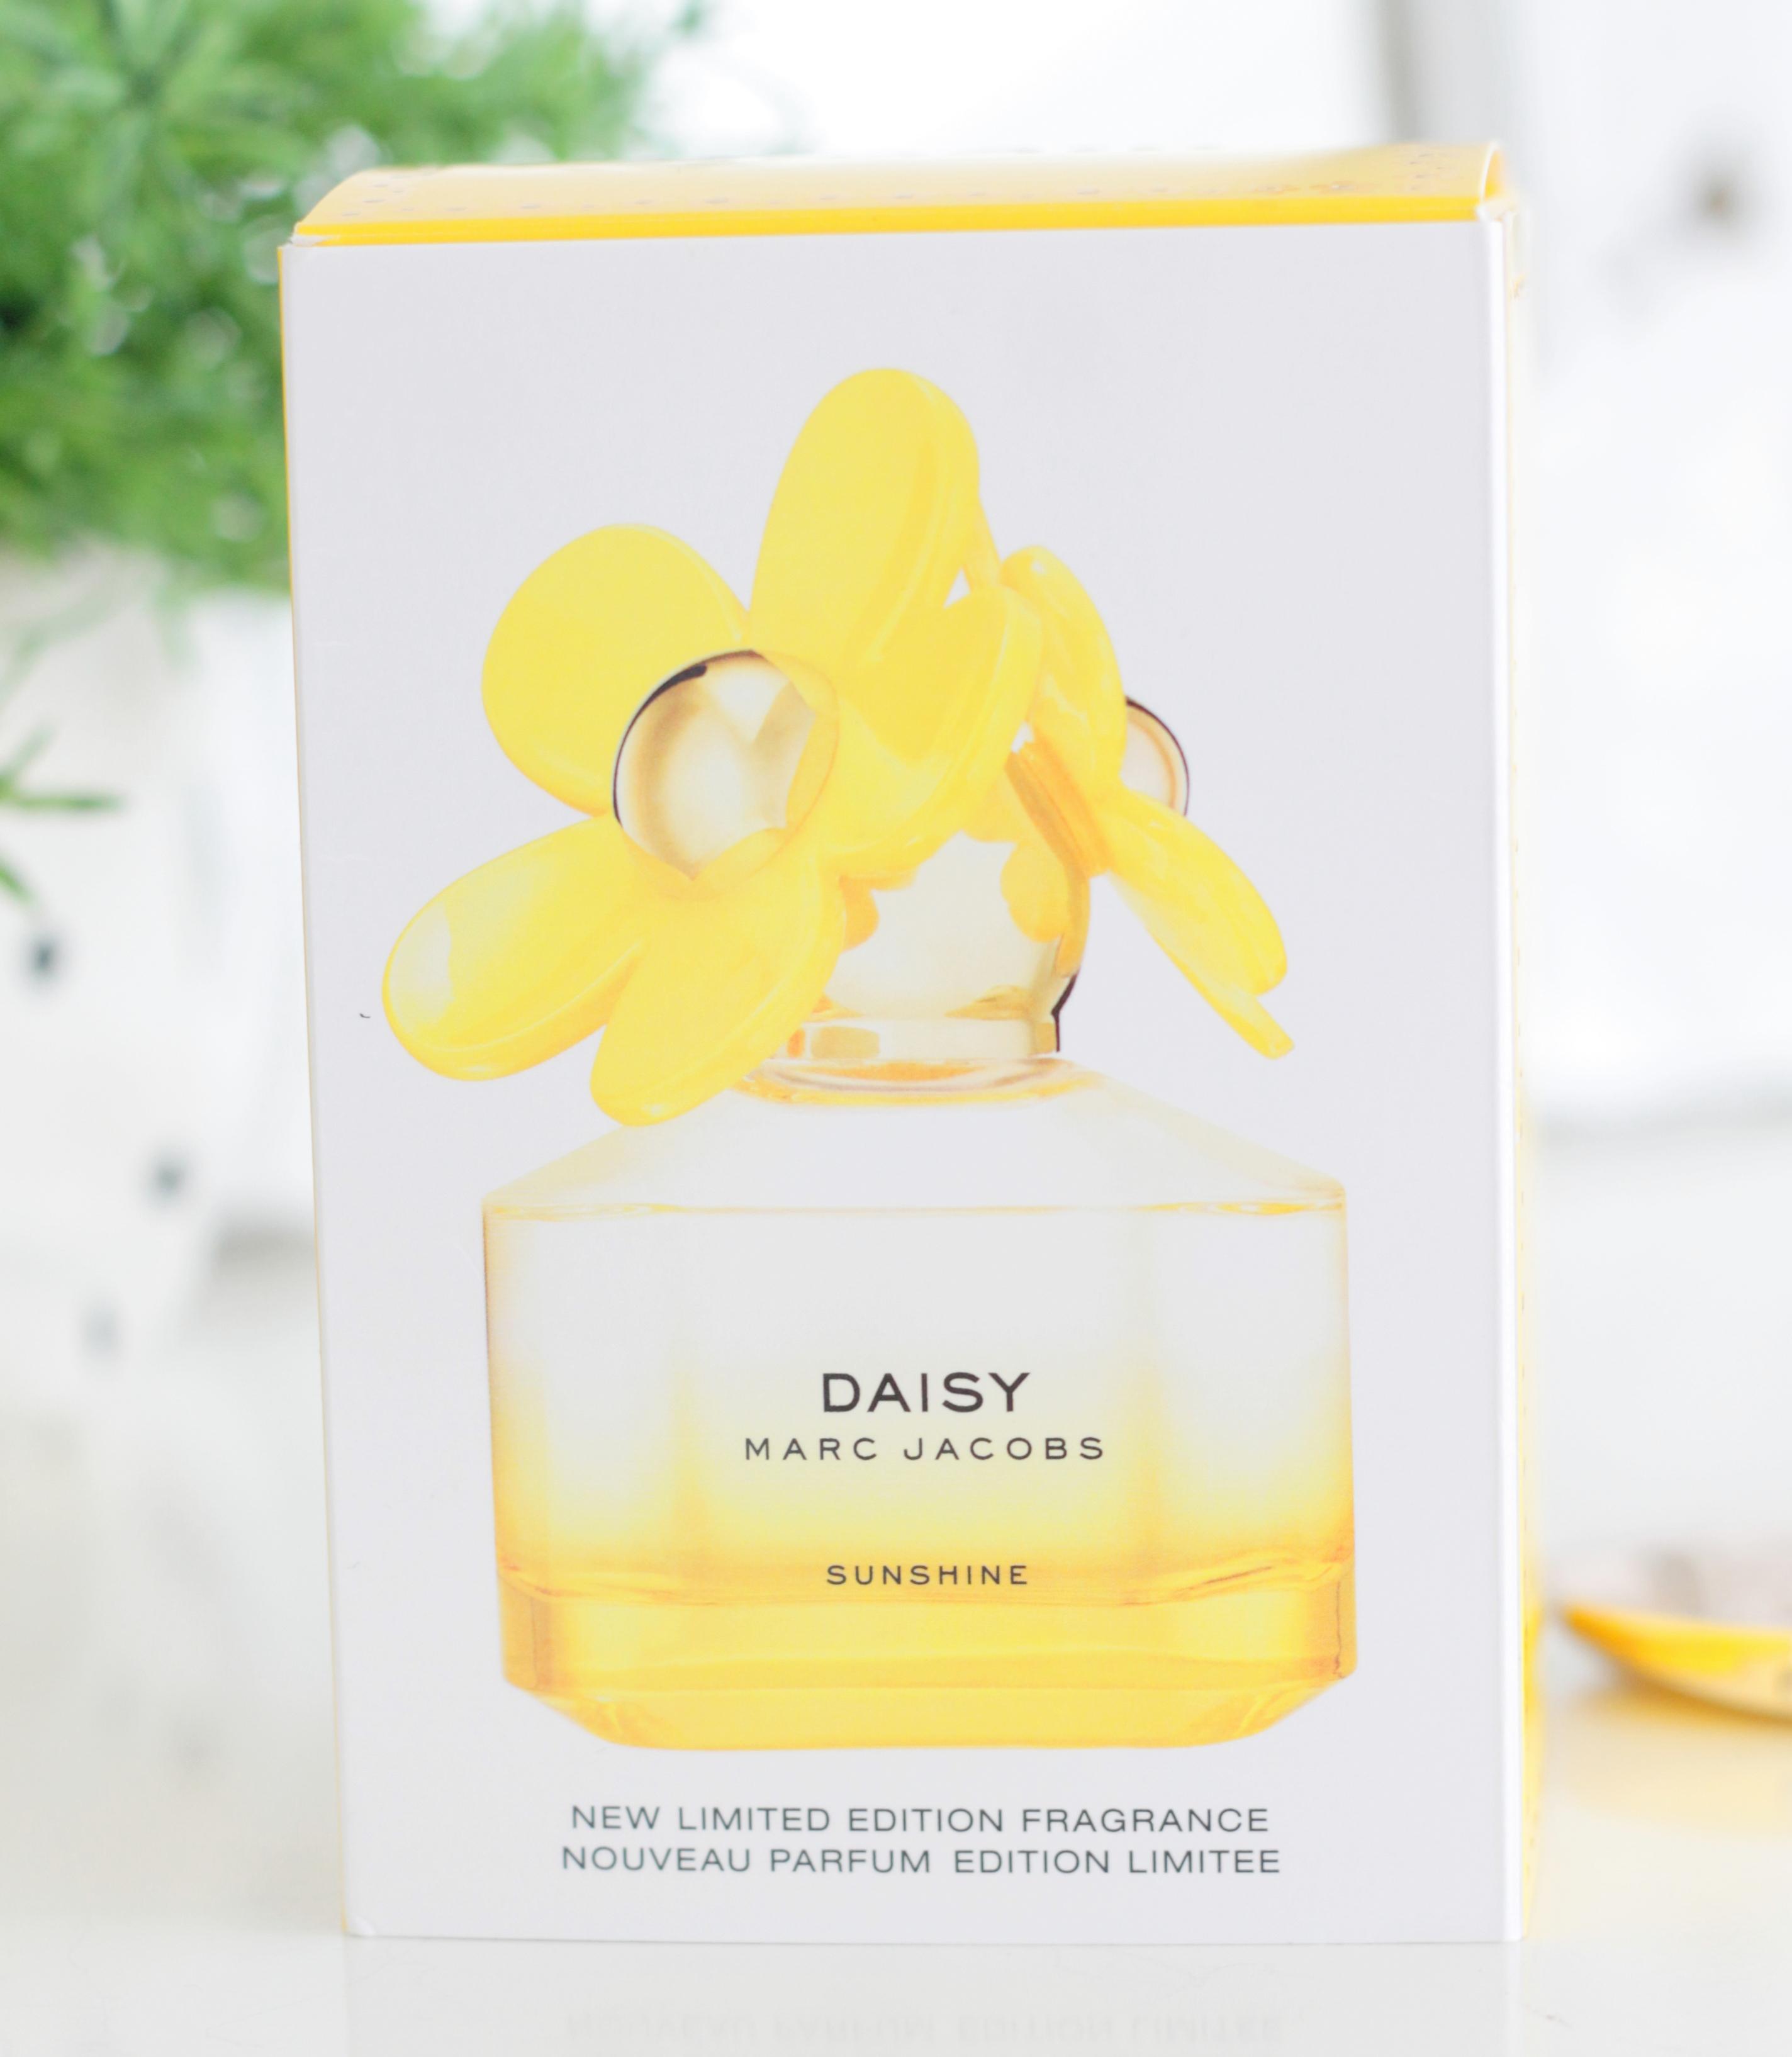 Marc Jacobs Daisy love Sunshine